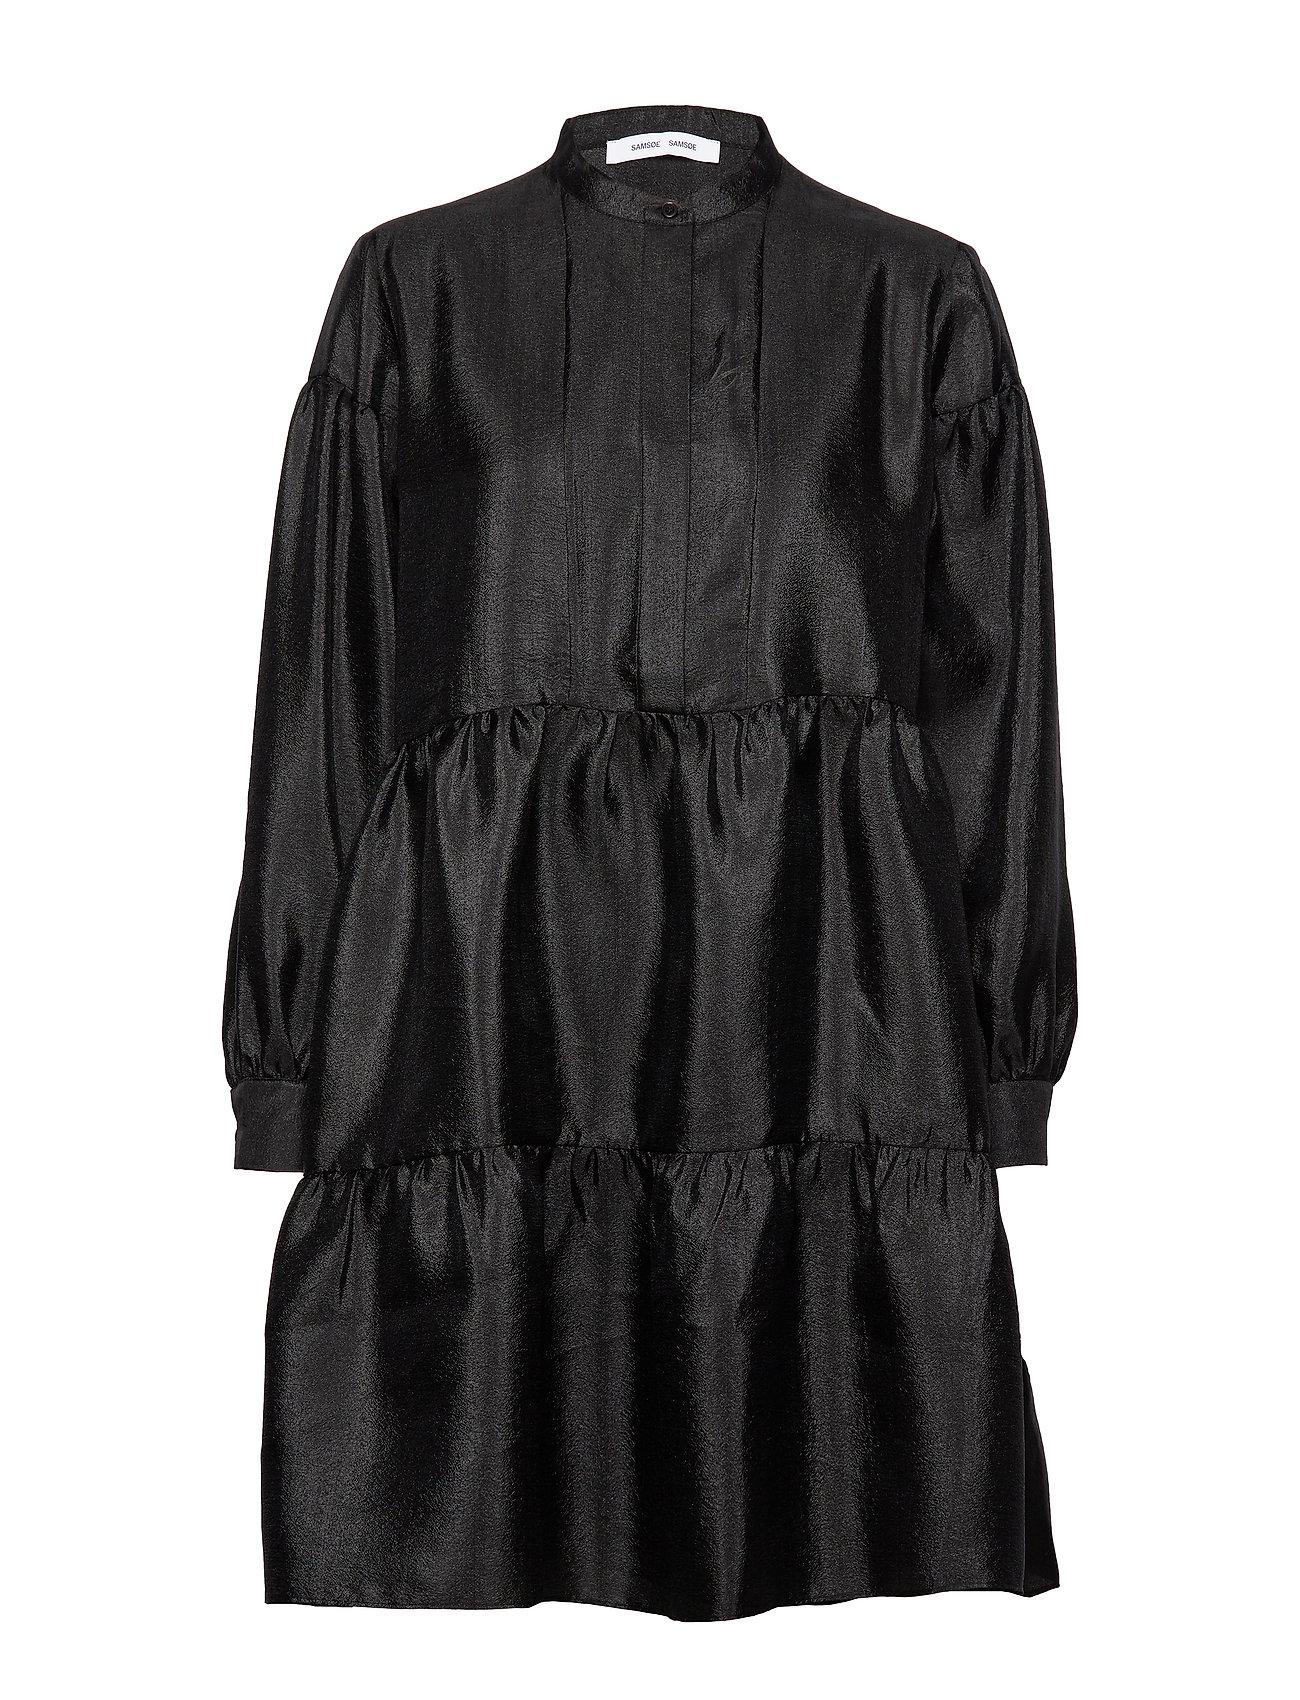 Samsøe & Samsøe Margo shirt dress 11244 - BLACK